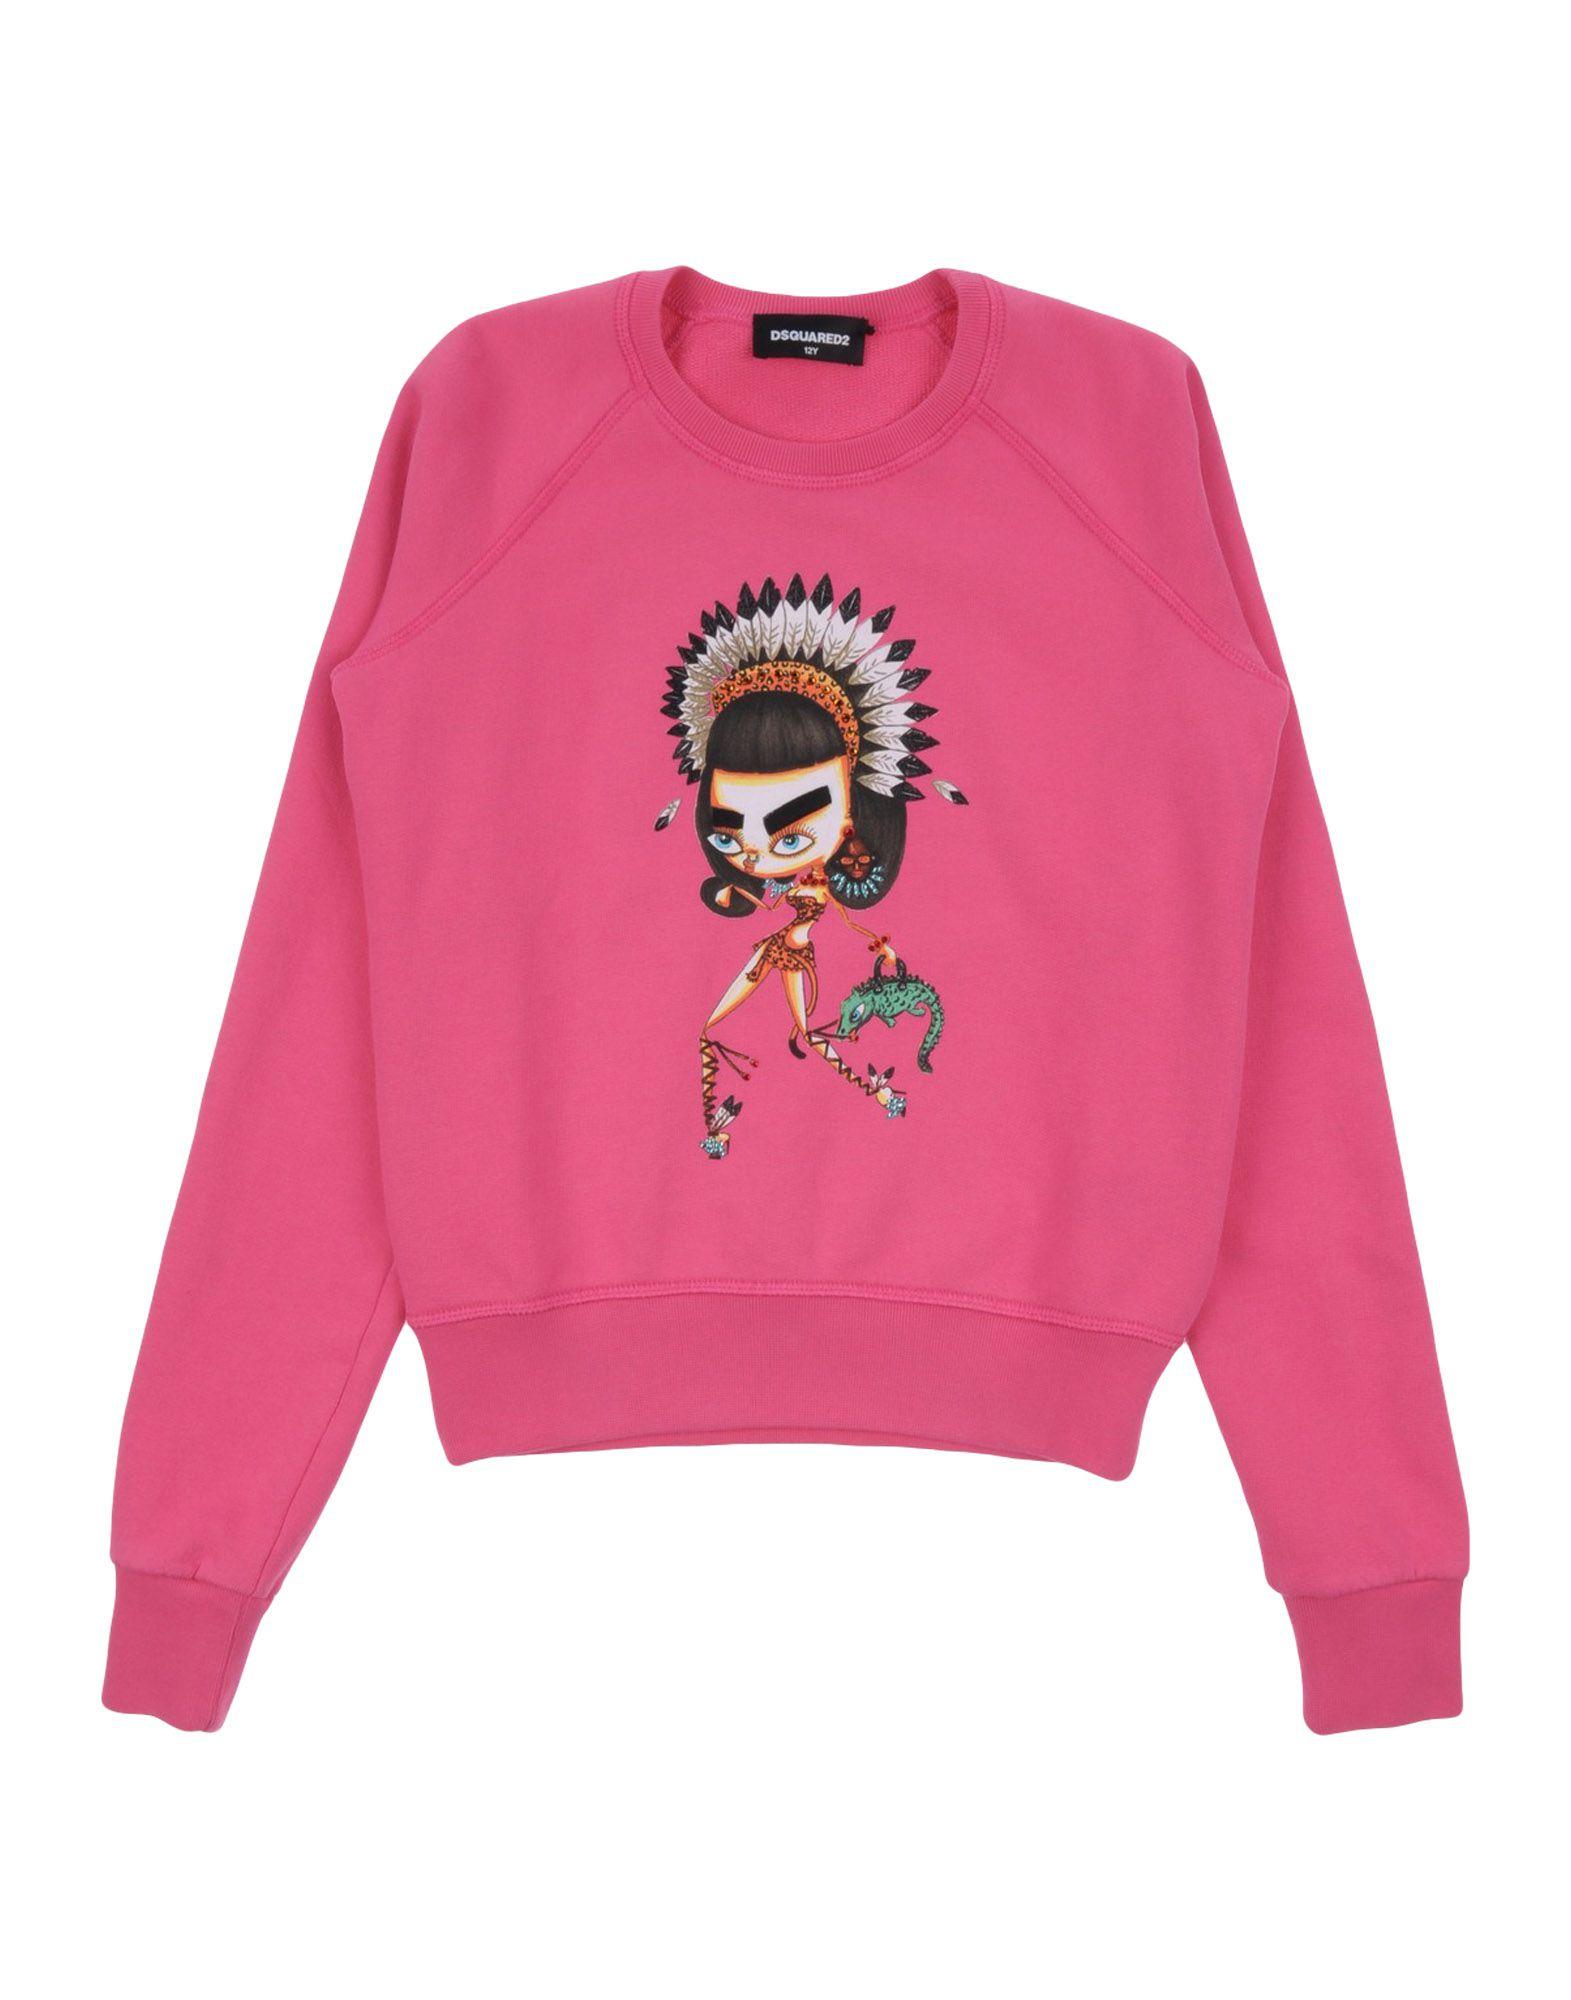 DSQUARED2 Mädchen 9-16 jahre Sweatshirt Farbe Fuchsia Größe 4